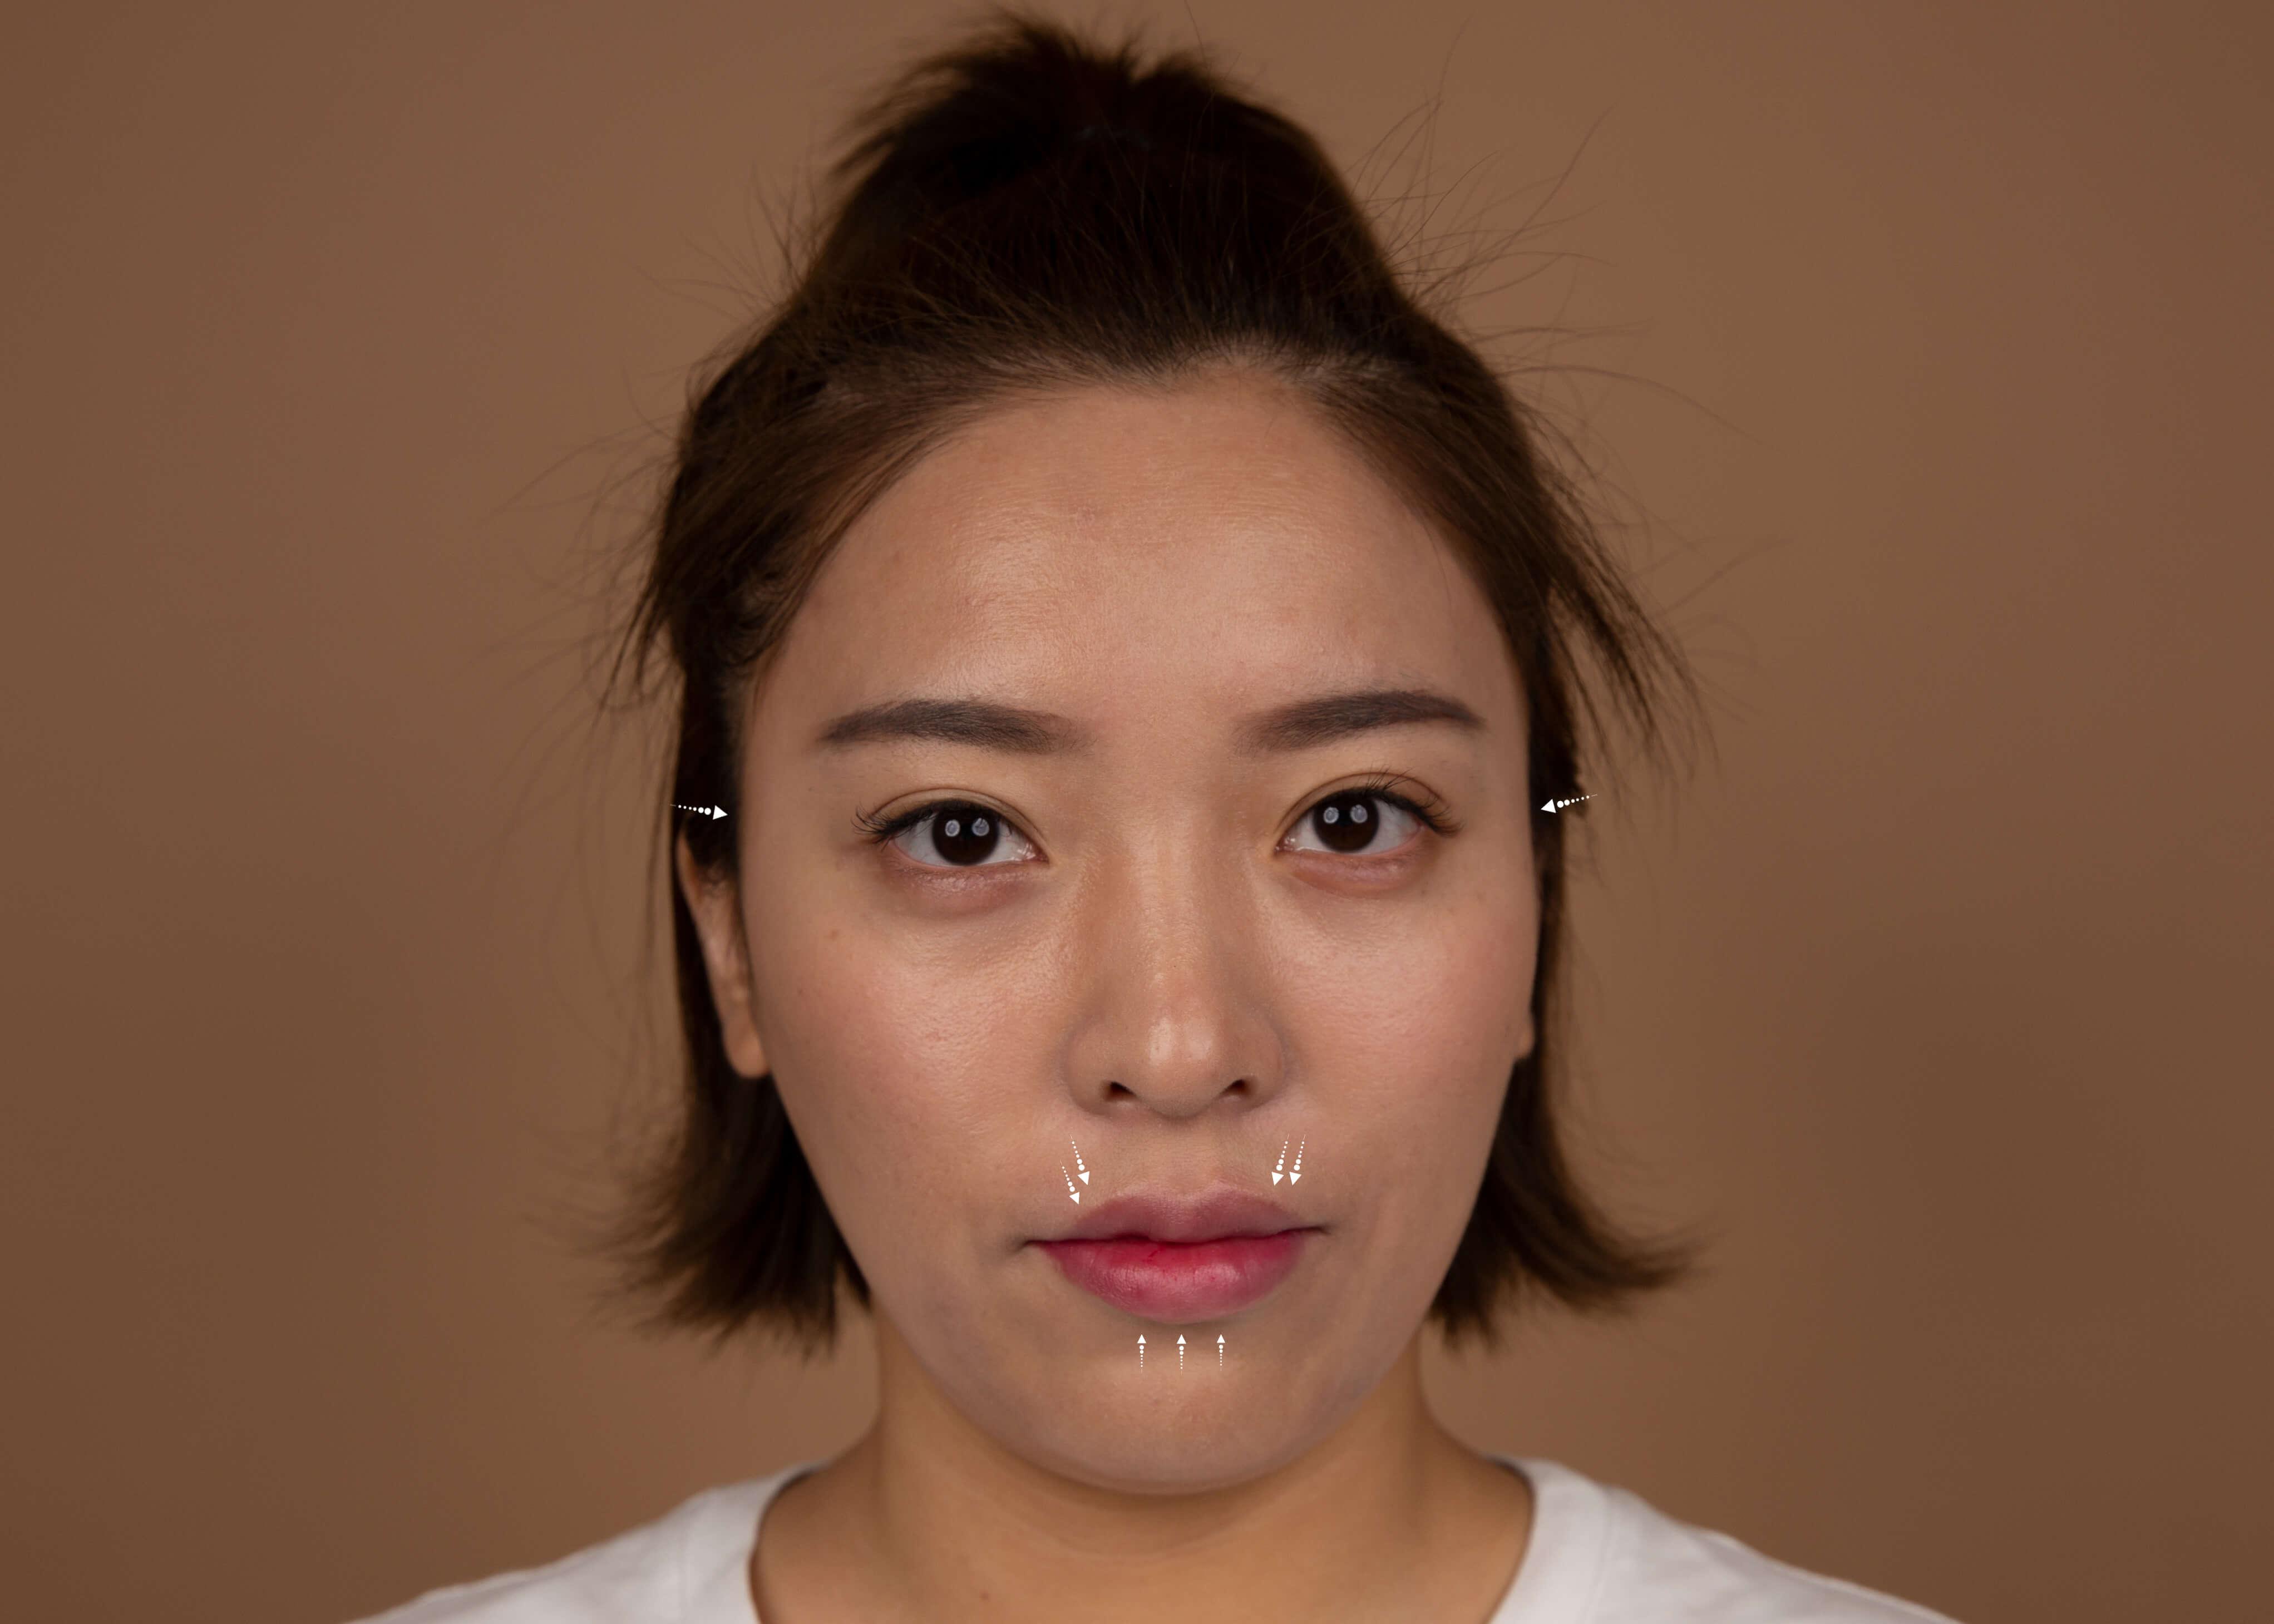 Dermal Filler and Botox